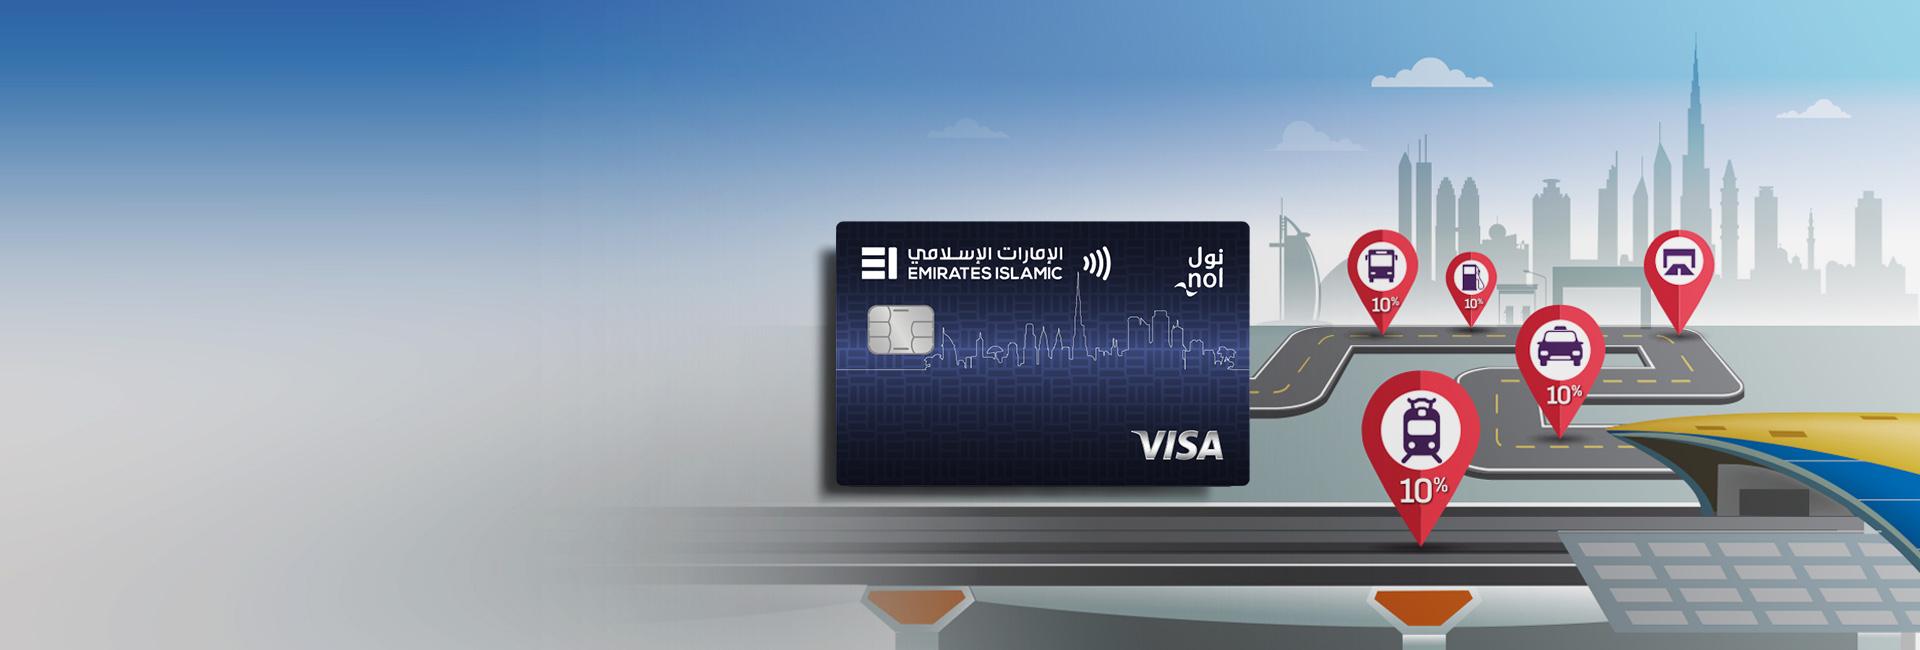 RTA Credit Card - RTI NOL Card | Emirates Islamic